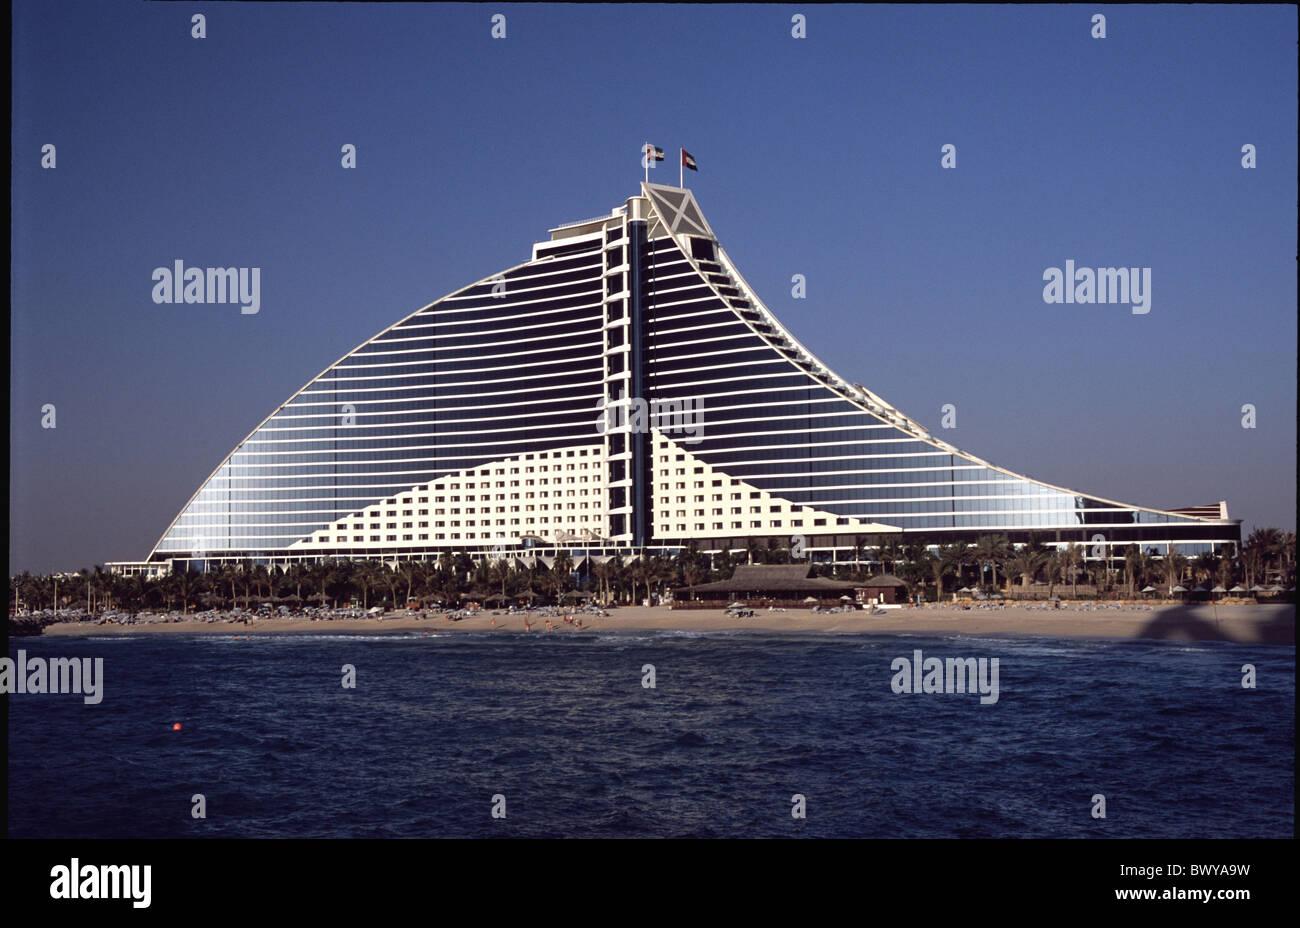 Architecture dubai uae arab emirates middle east hotel for Sailboat hotel dubai